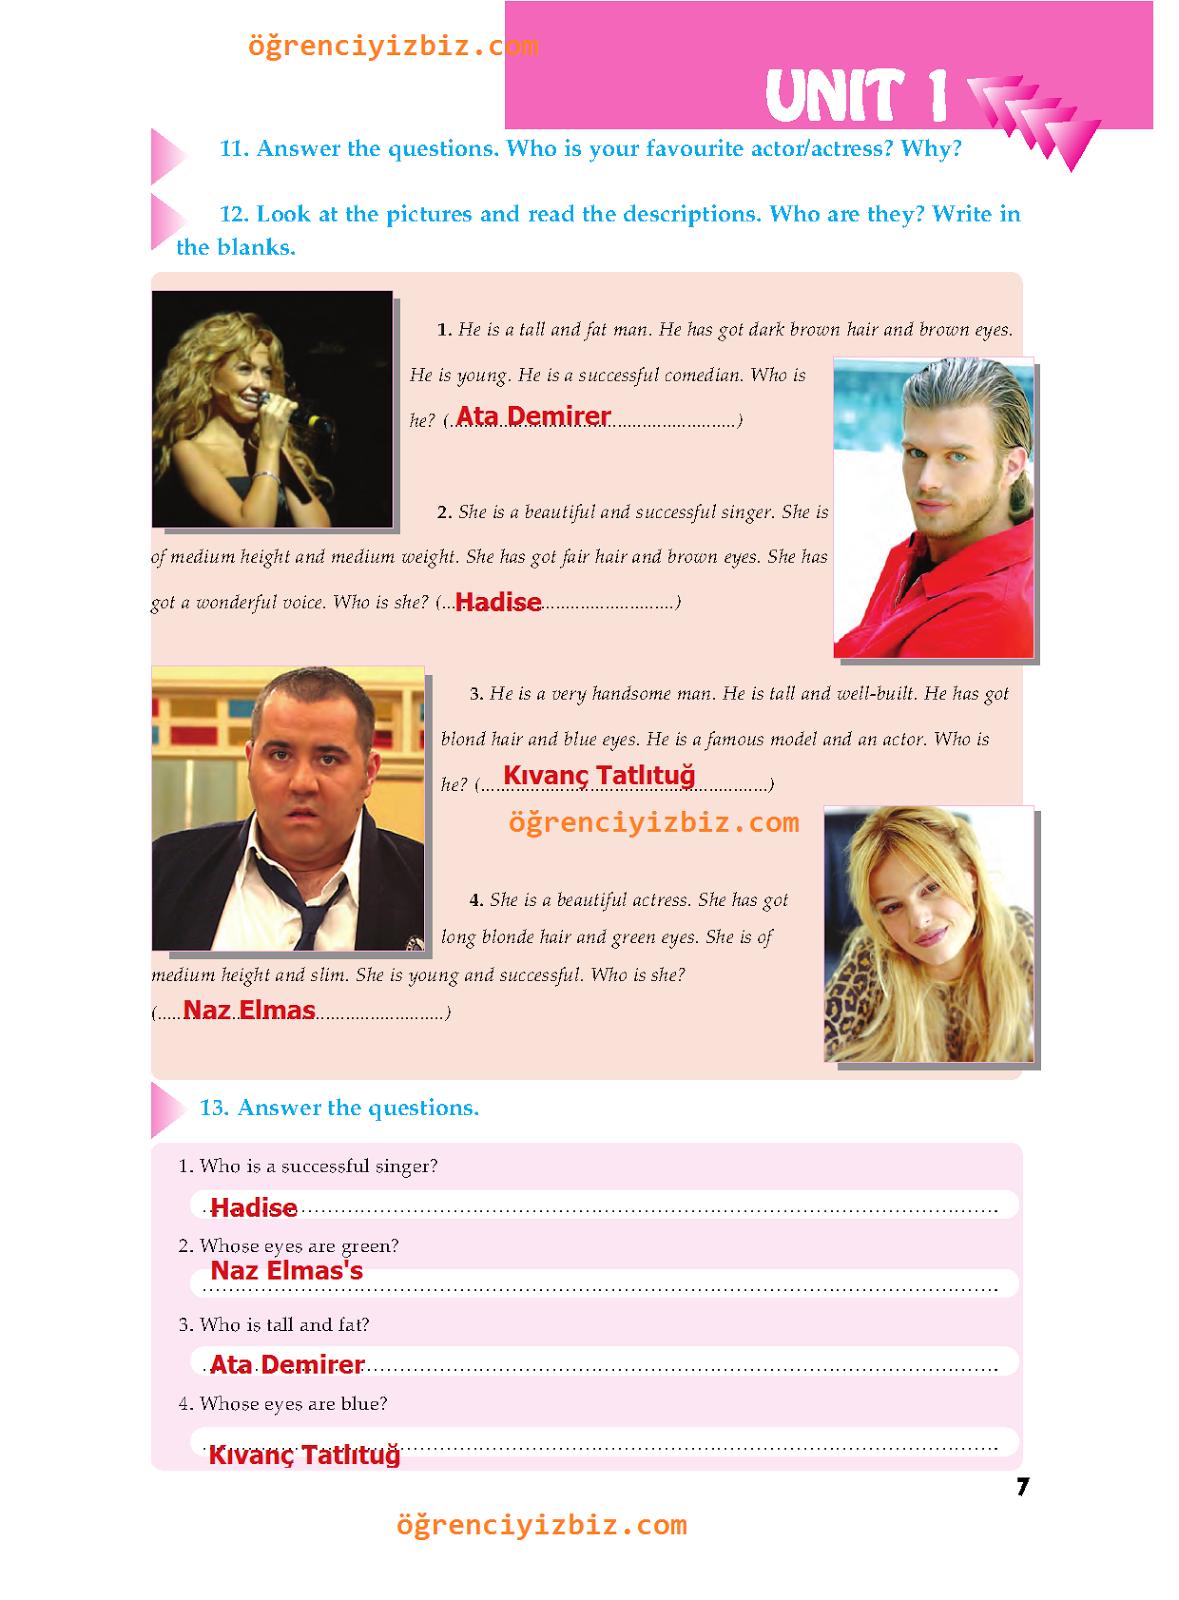 6.Sınıf İngilizce Ders  Kitabı -  Atlantik Yayınları Sayfa 7 Cevapları